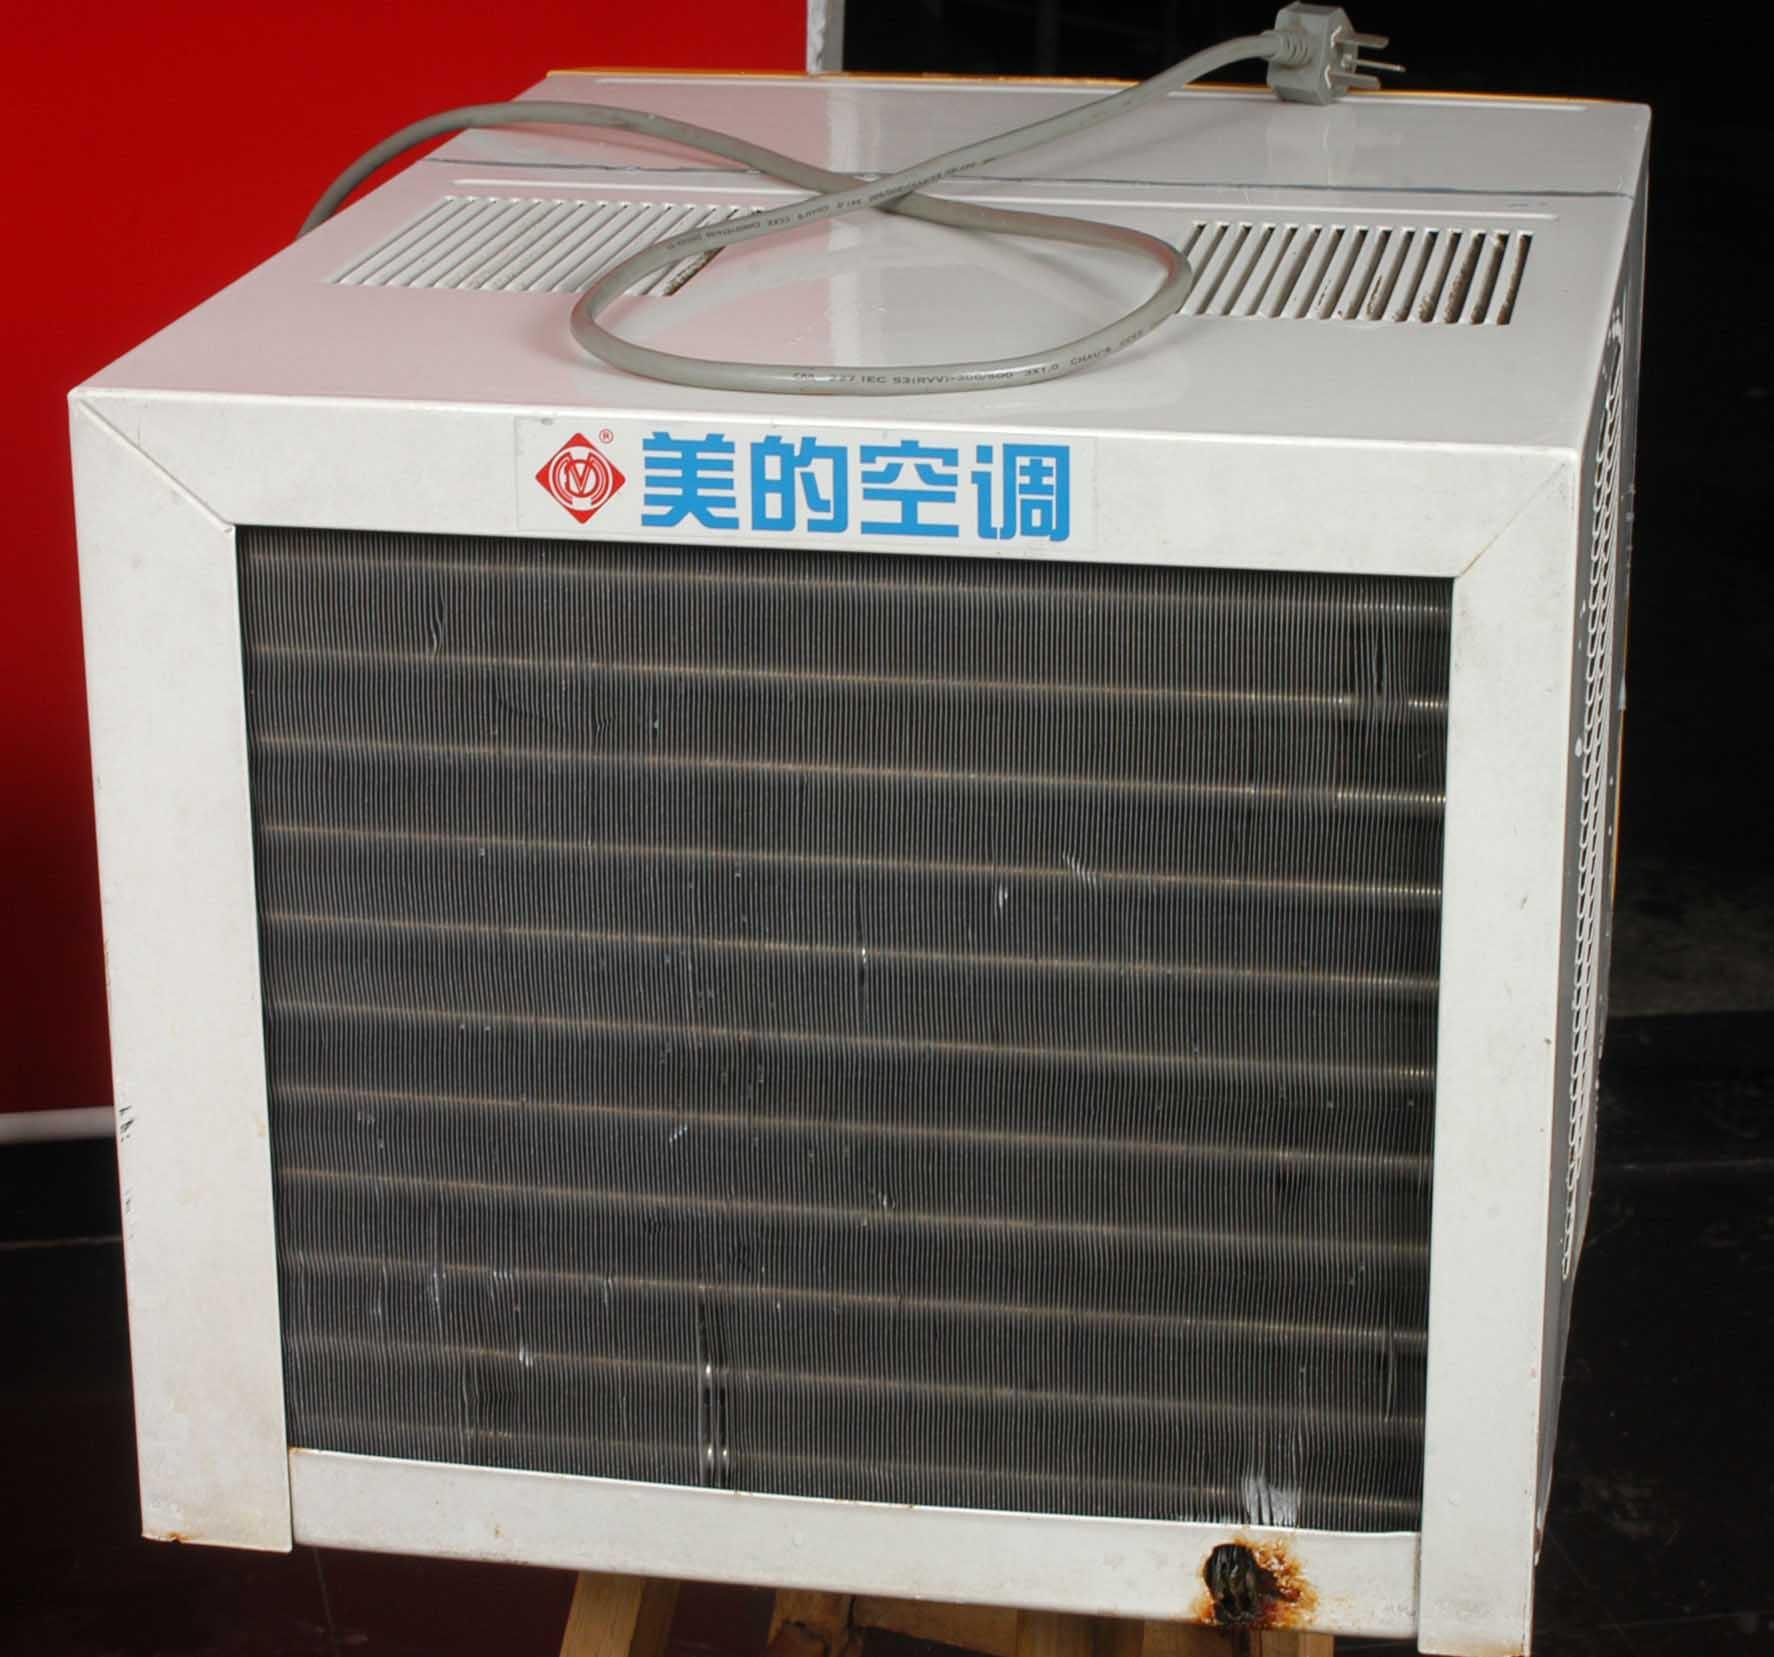 [转让]转让 美的 窗式空调一台,海尔分体空调一台